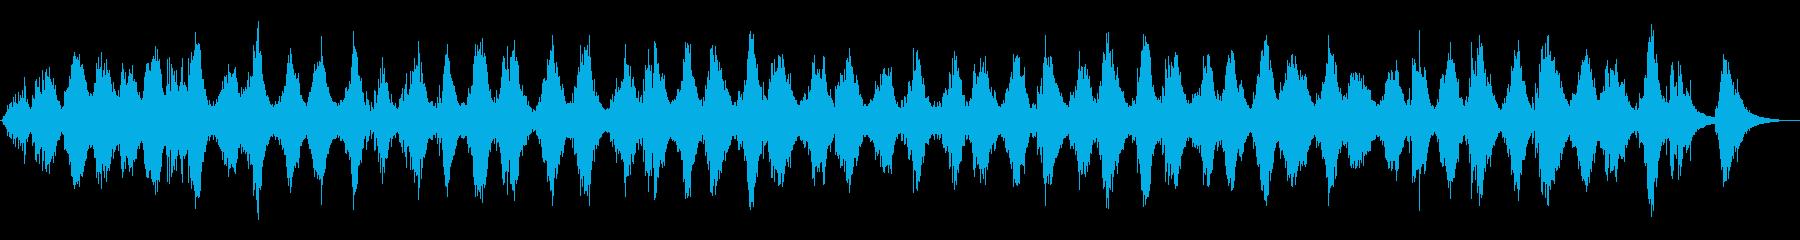 ベルツリー:連続グリッサンドスの上下の再生済みの波形